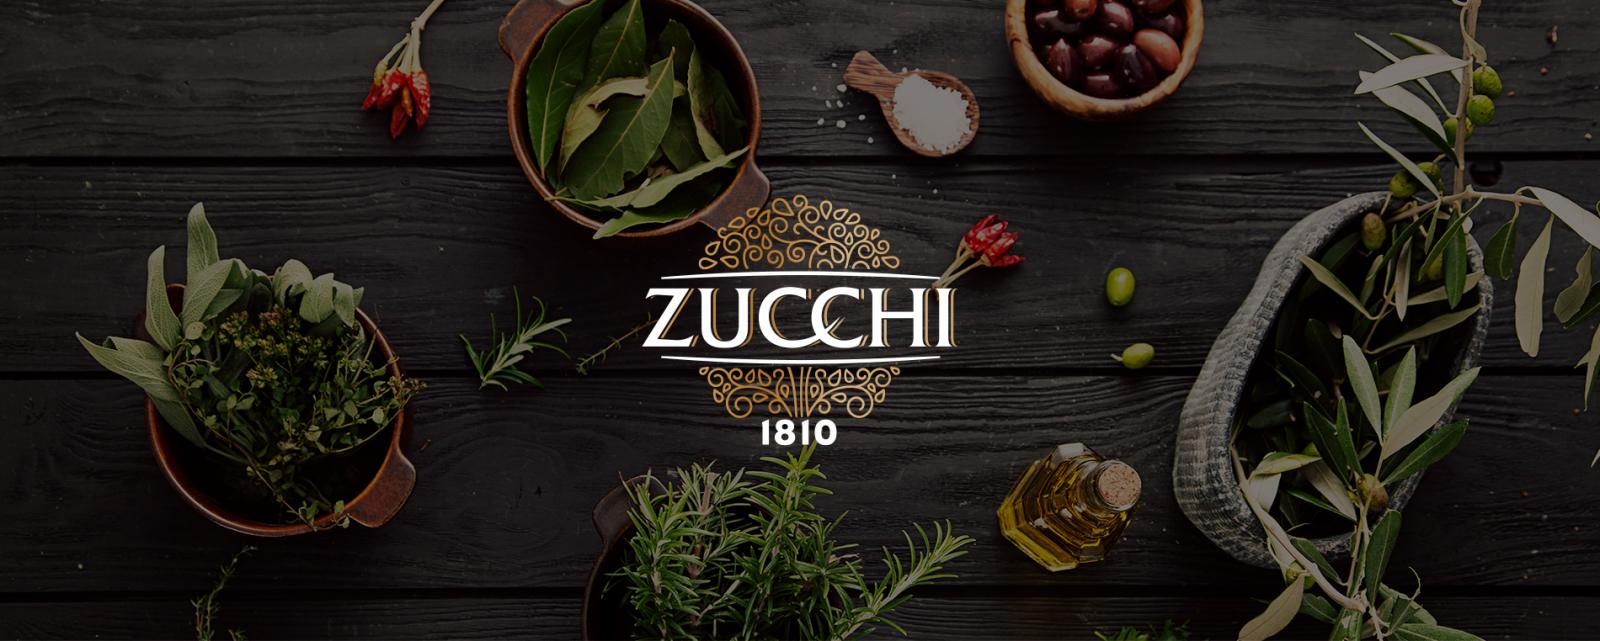 zucchi1